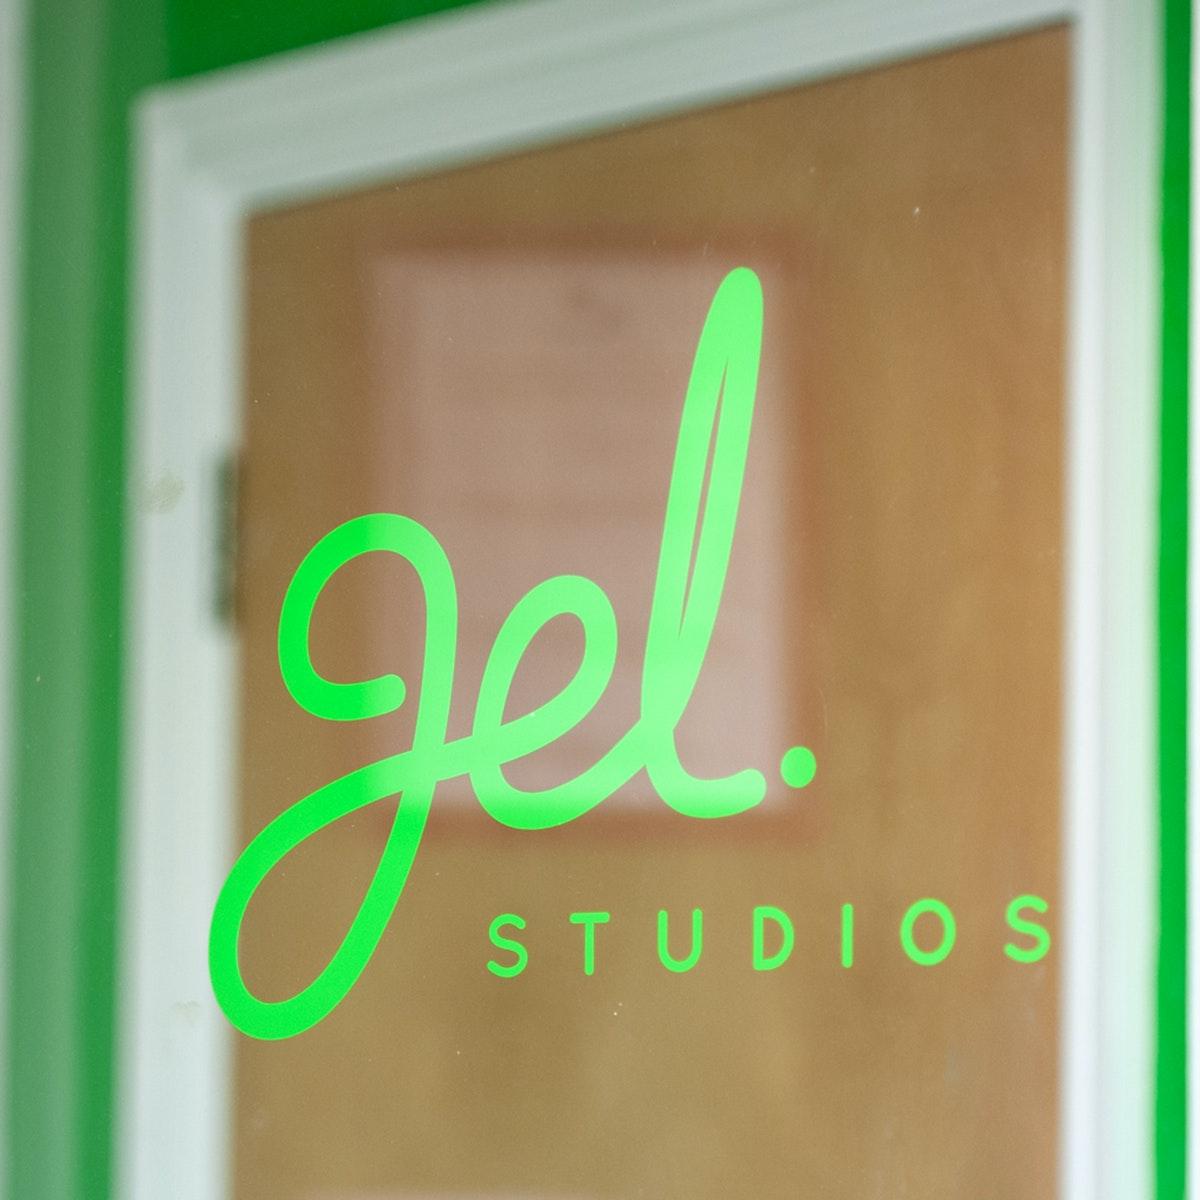 Gel Studios